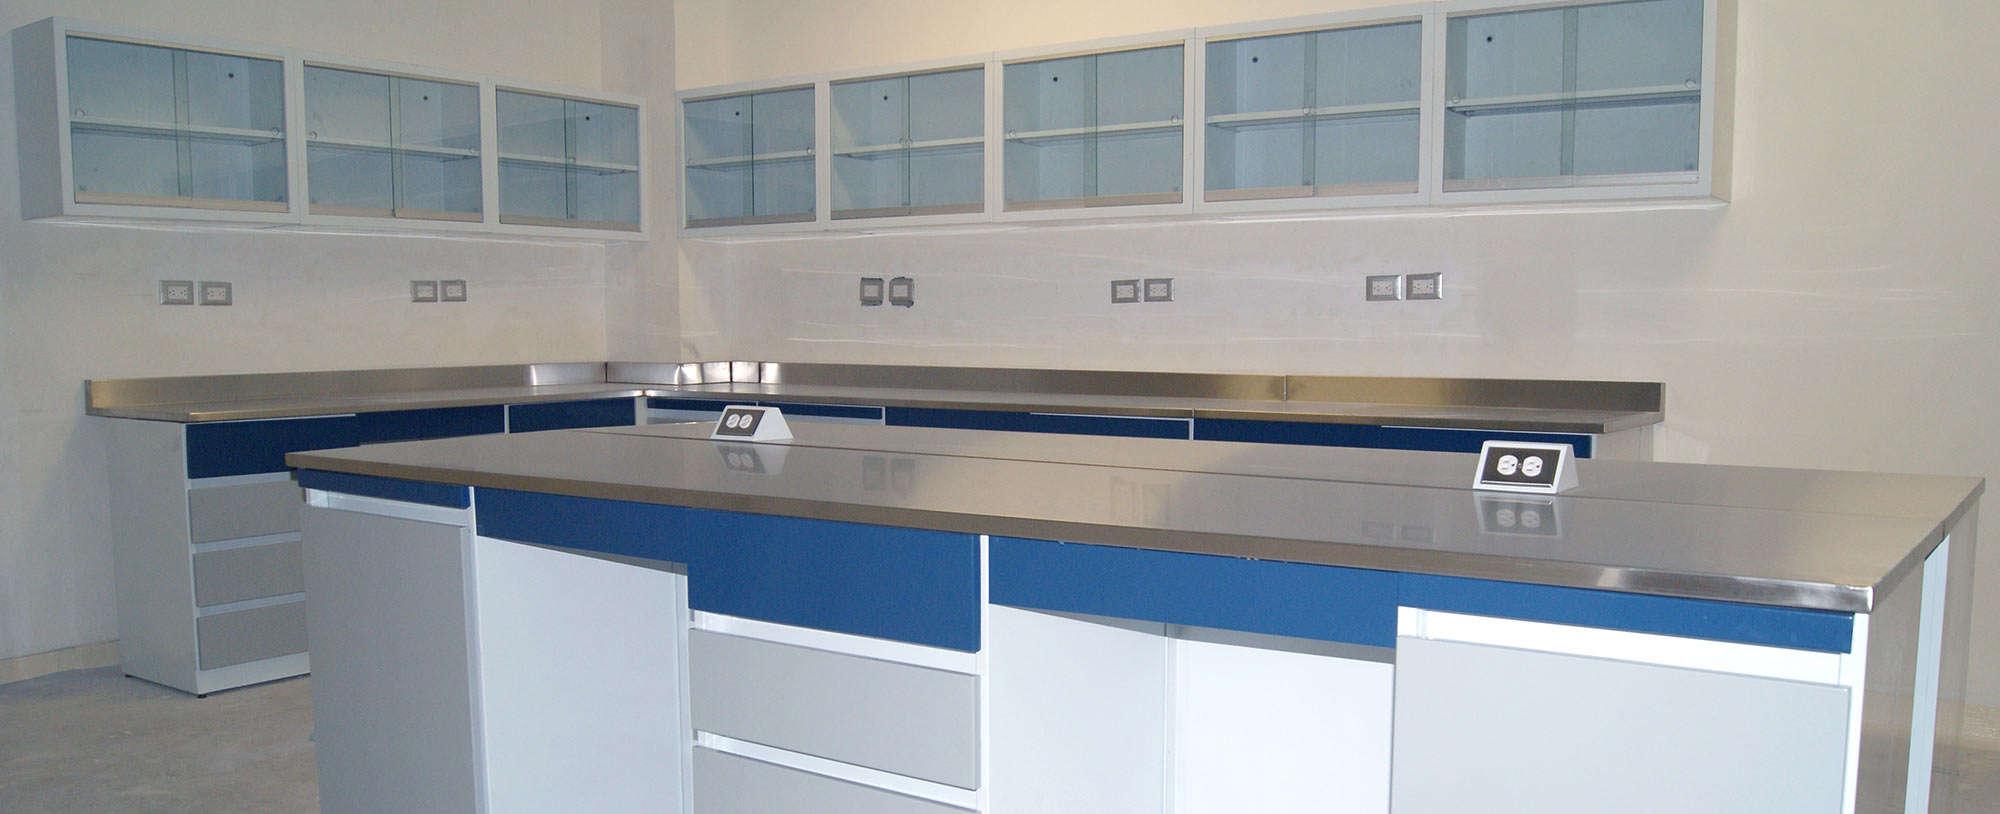 Productos Dise O Y Realizaci N De Amueblamiento Para Laboratorios  # Dabrielo Muebles De Laboratorio